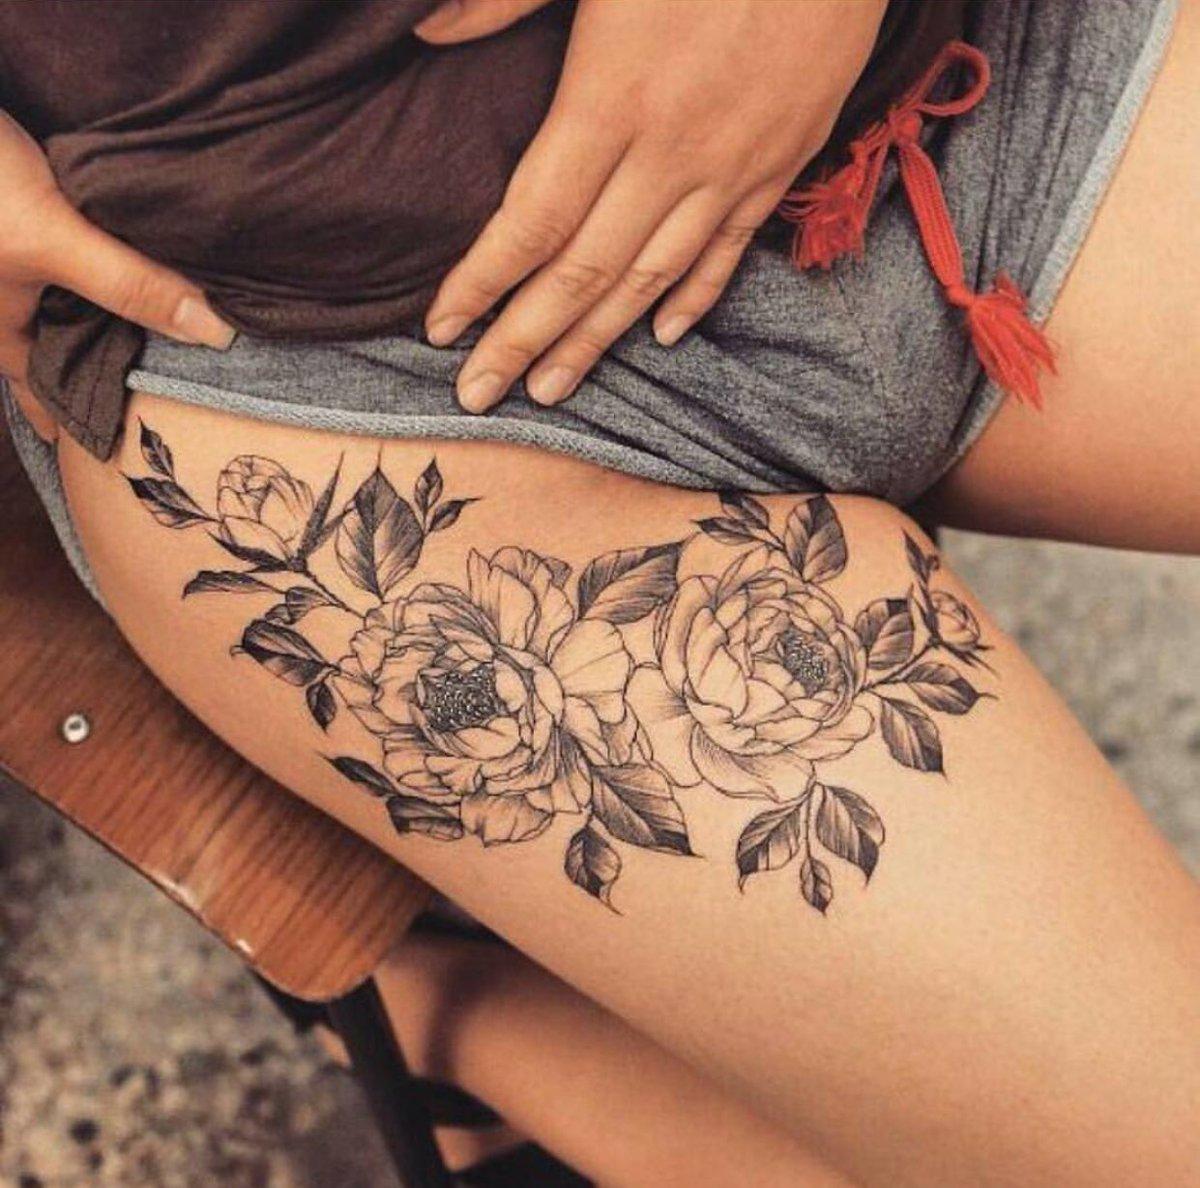 Фото татуировок милы блюм